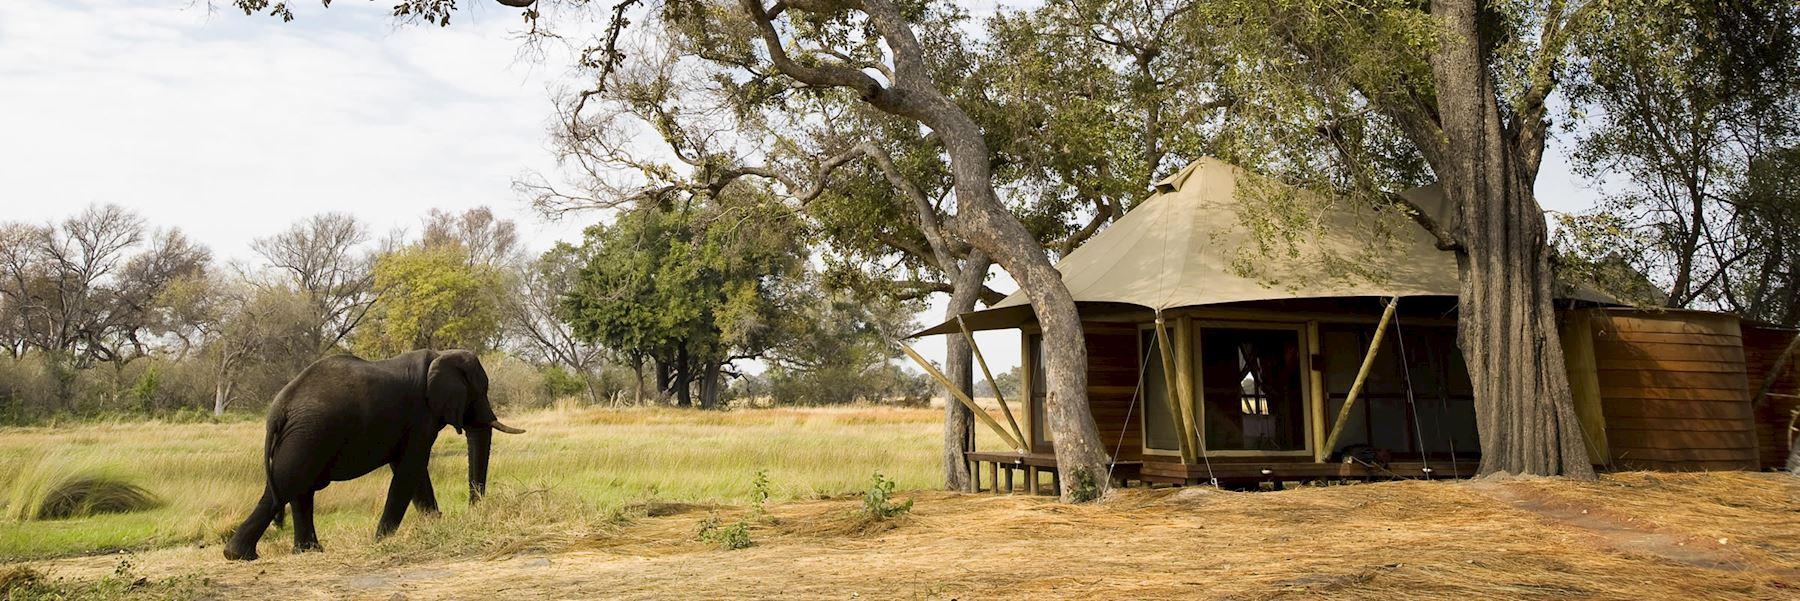 Xaranna Tented Camp